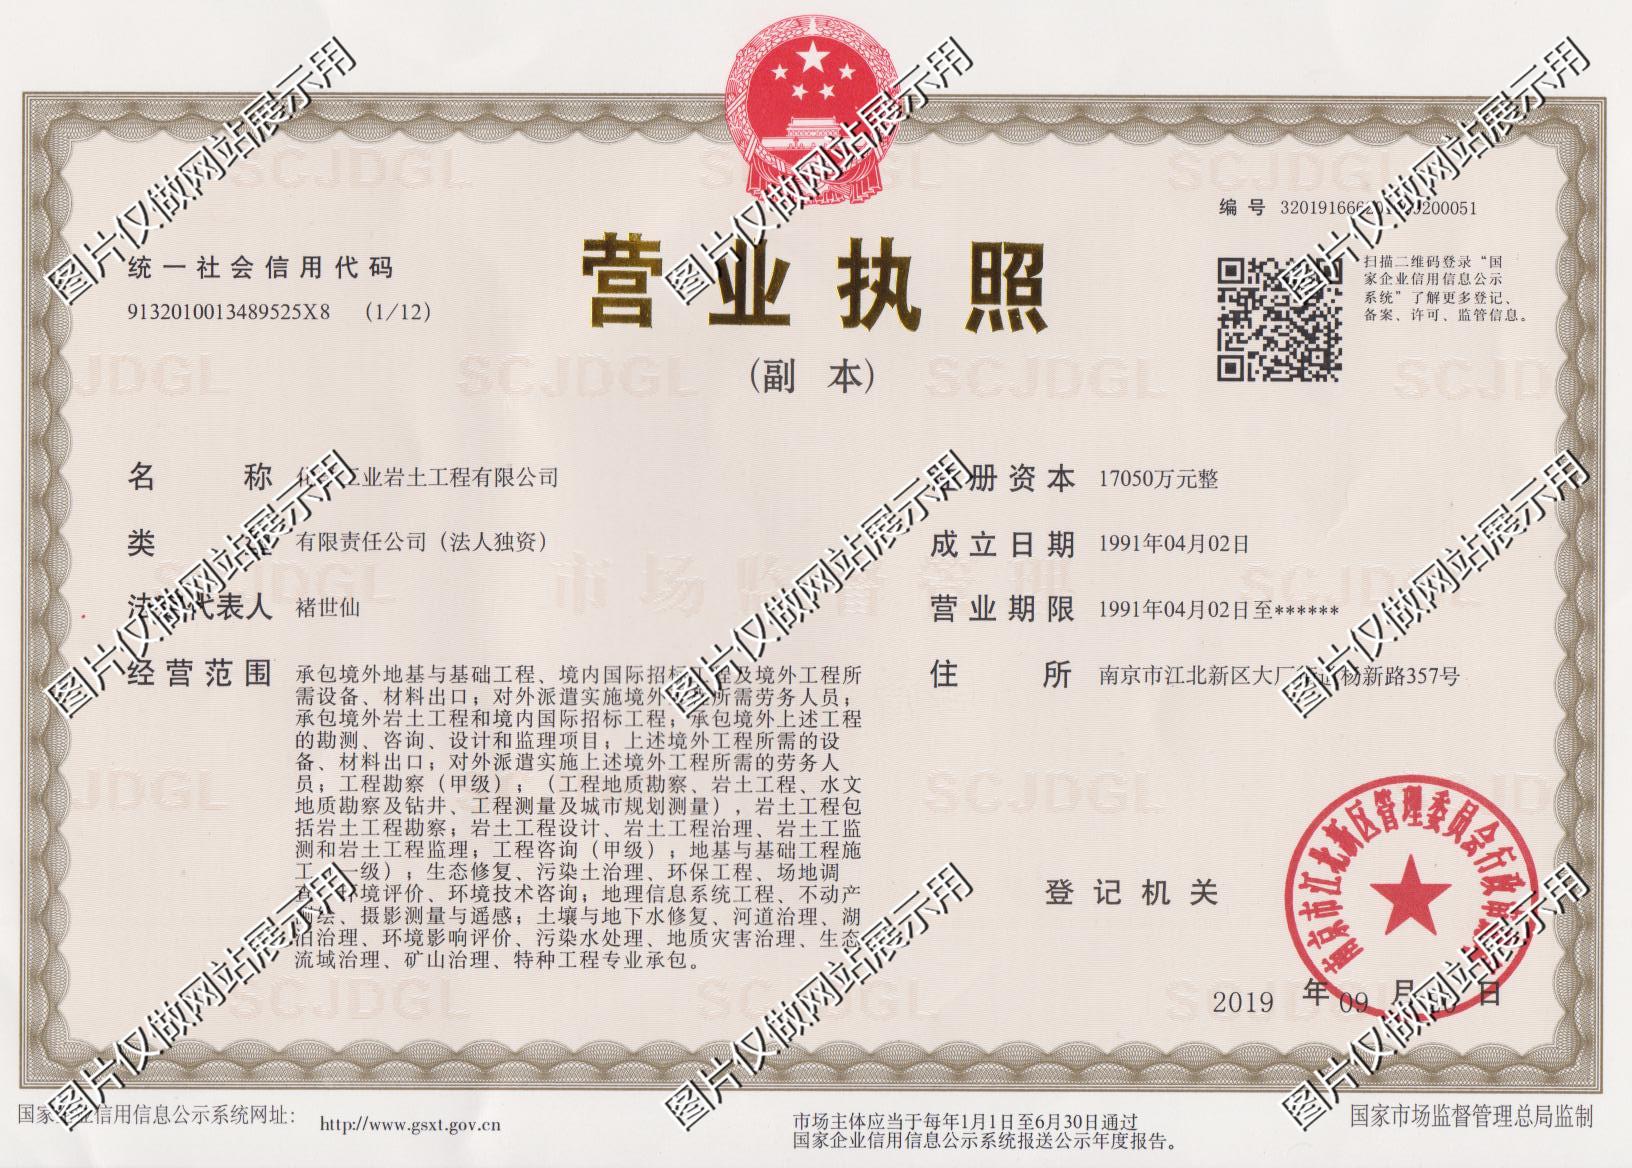 营业执照-0920